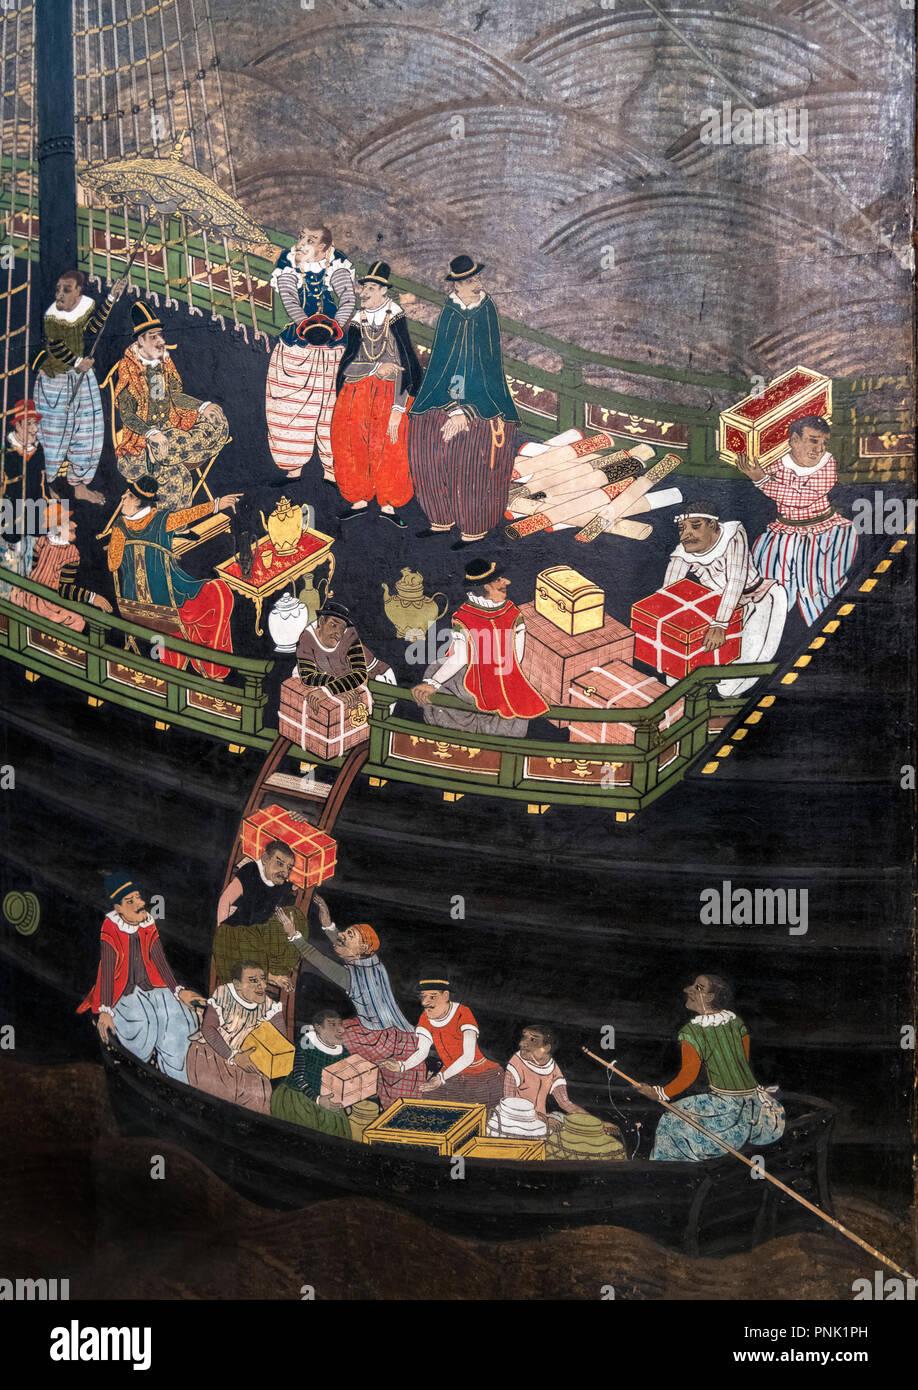 Giapponese schermo Namban attribuito a Kano Domi, tempera su carta, foglia oro, seta, lacca e metallo, 1593-1602 (Periodo Momoyama). Immagini Stock